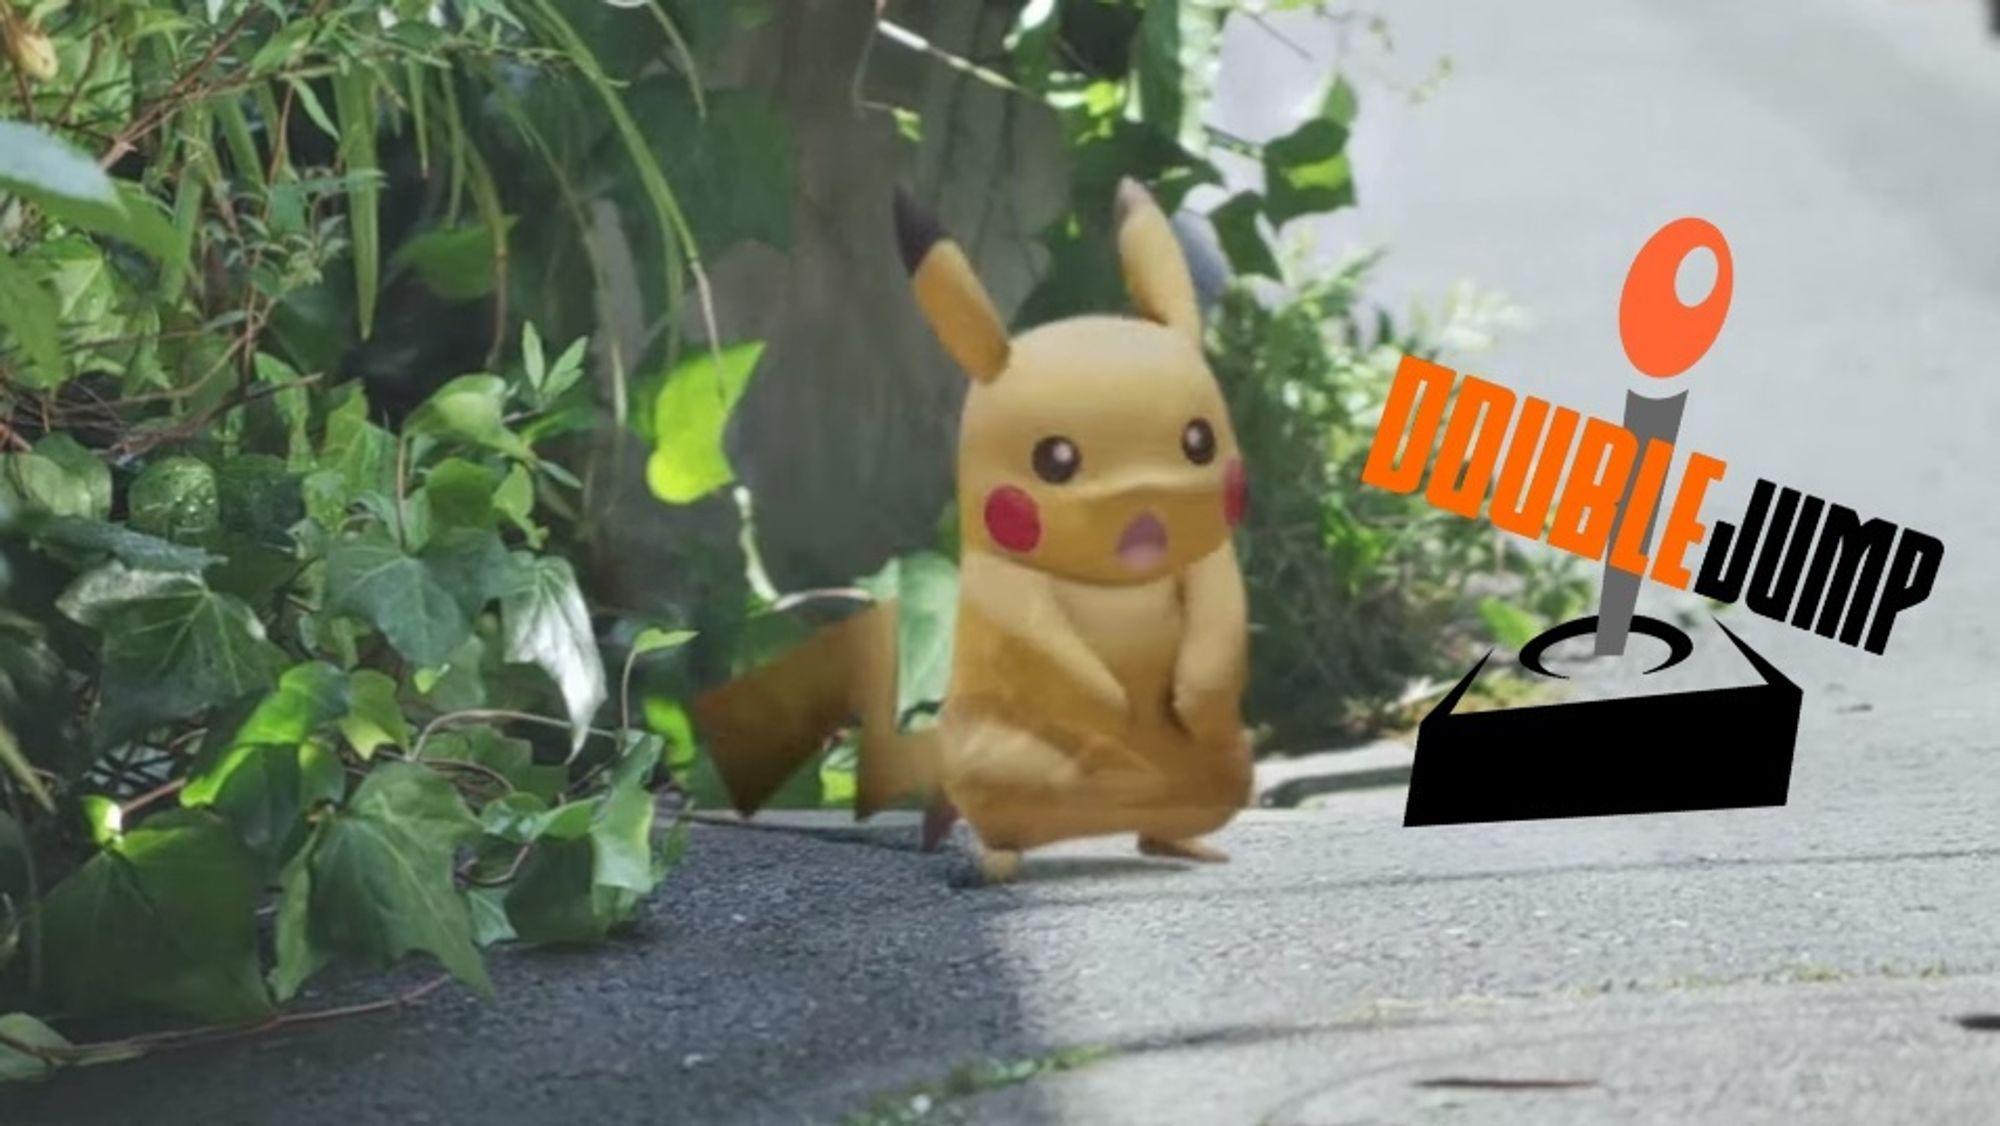 PODKAST: DoubleJump på Pokémon-jakt